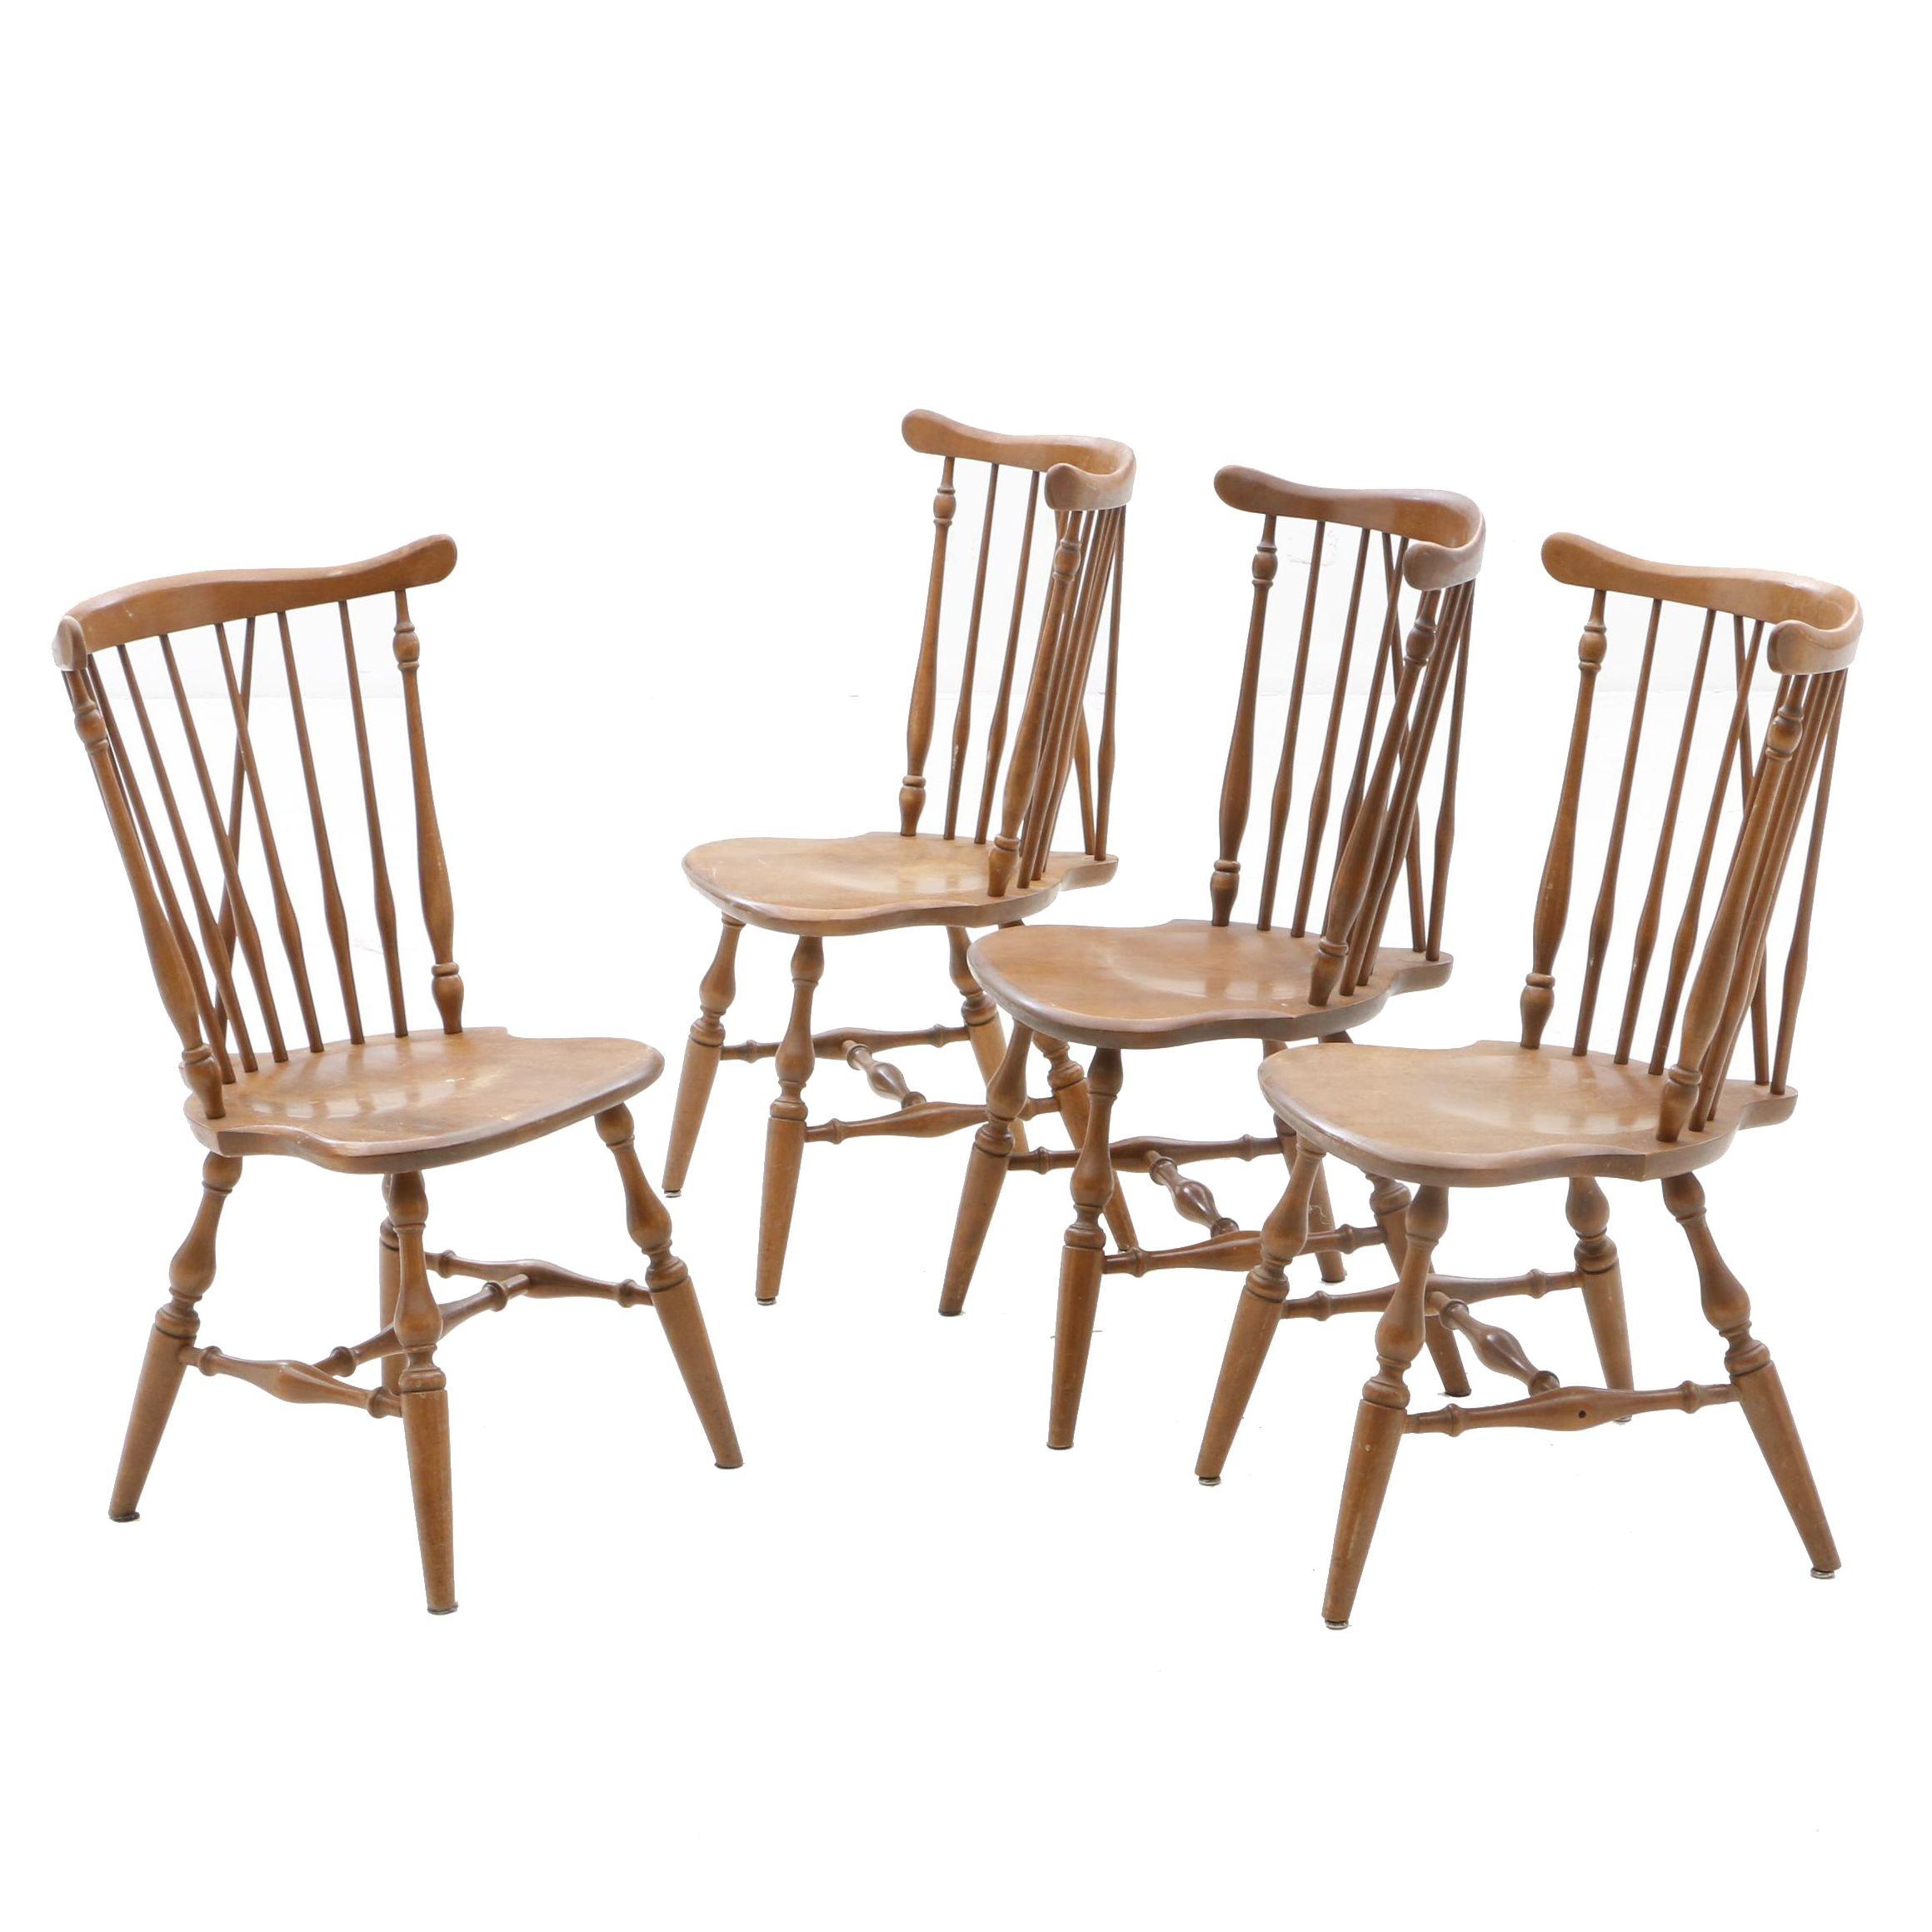 Ethan Allen by Baumritter Windsor Chairs